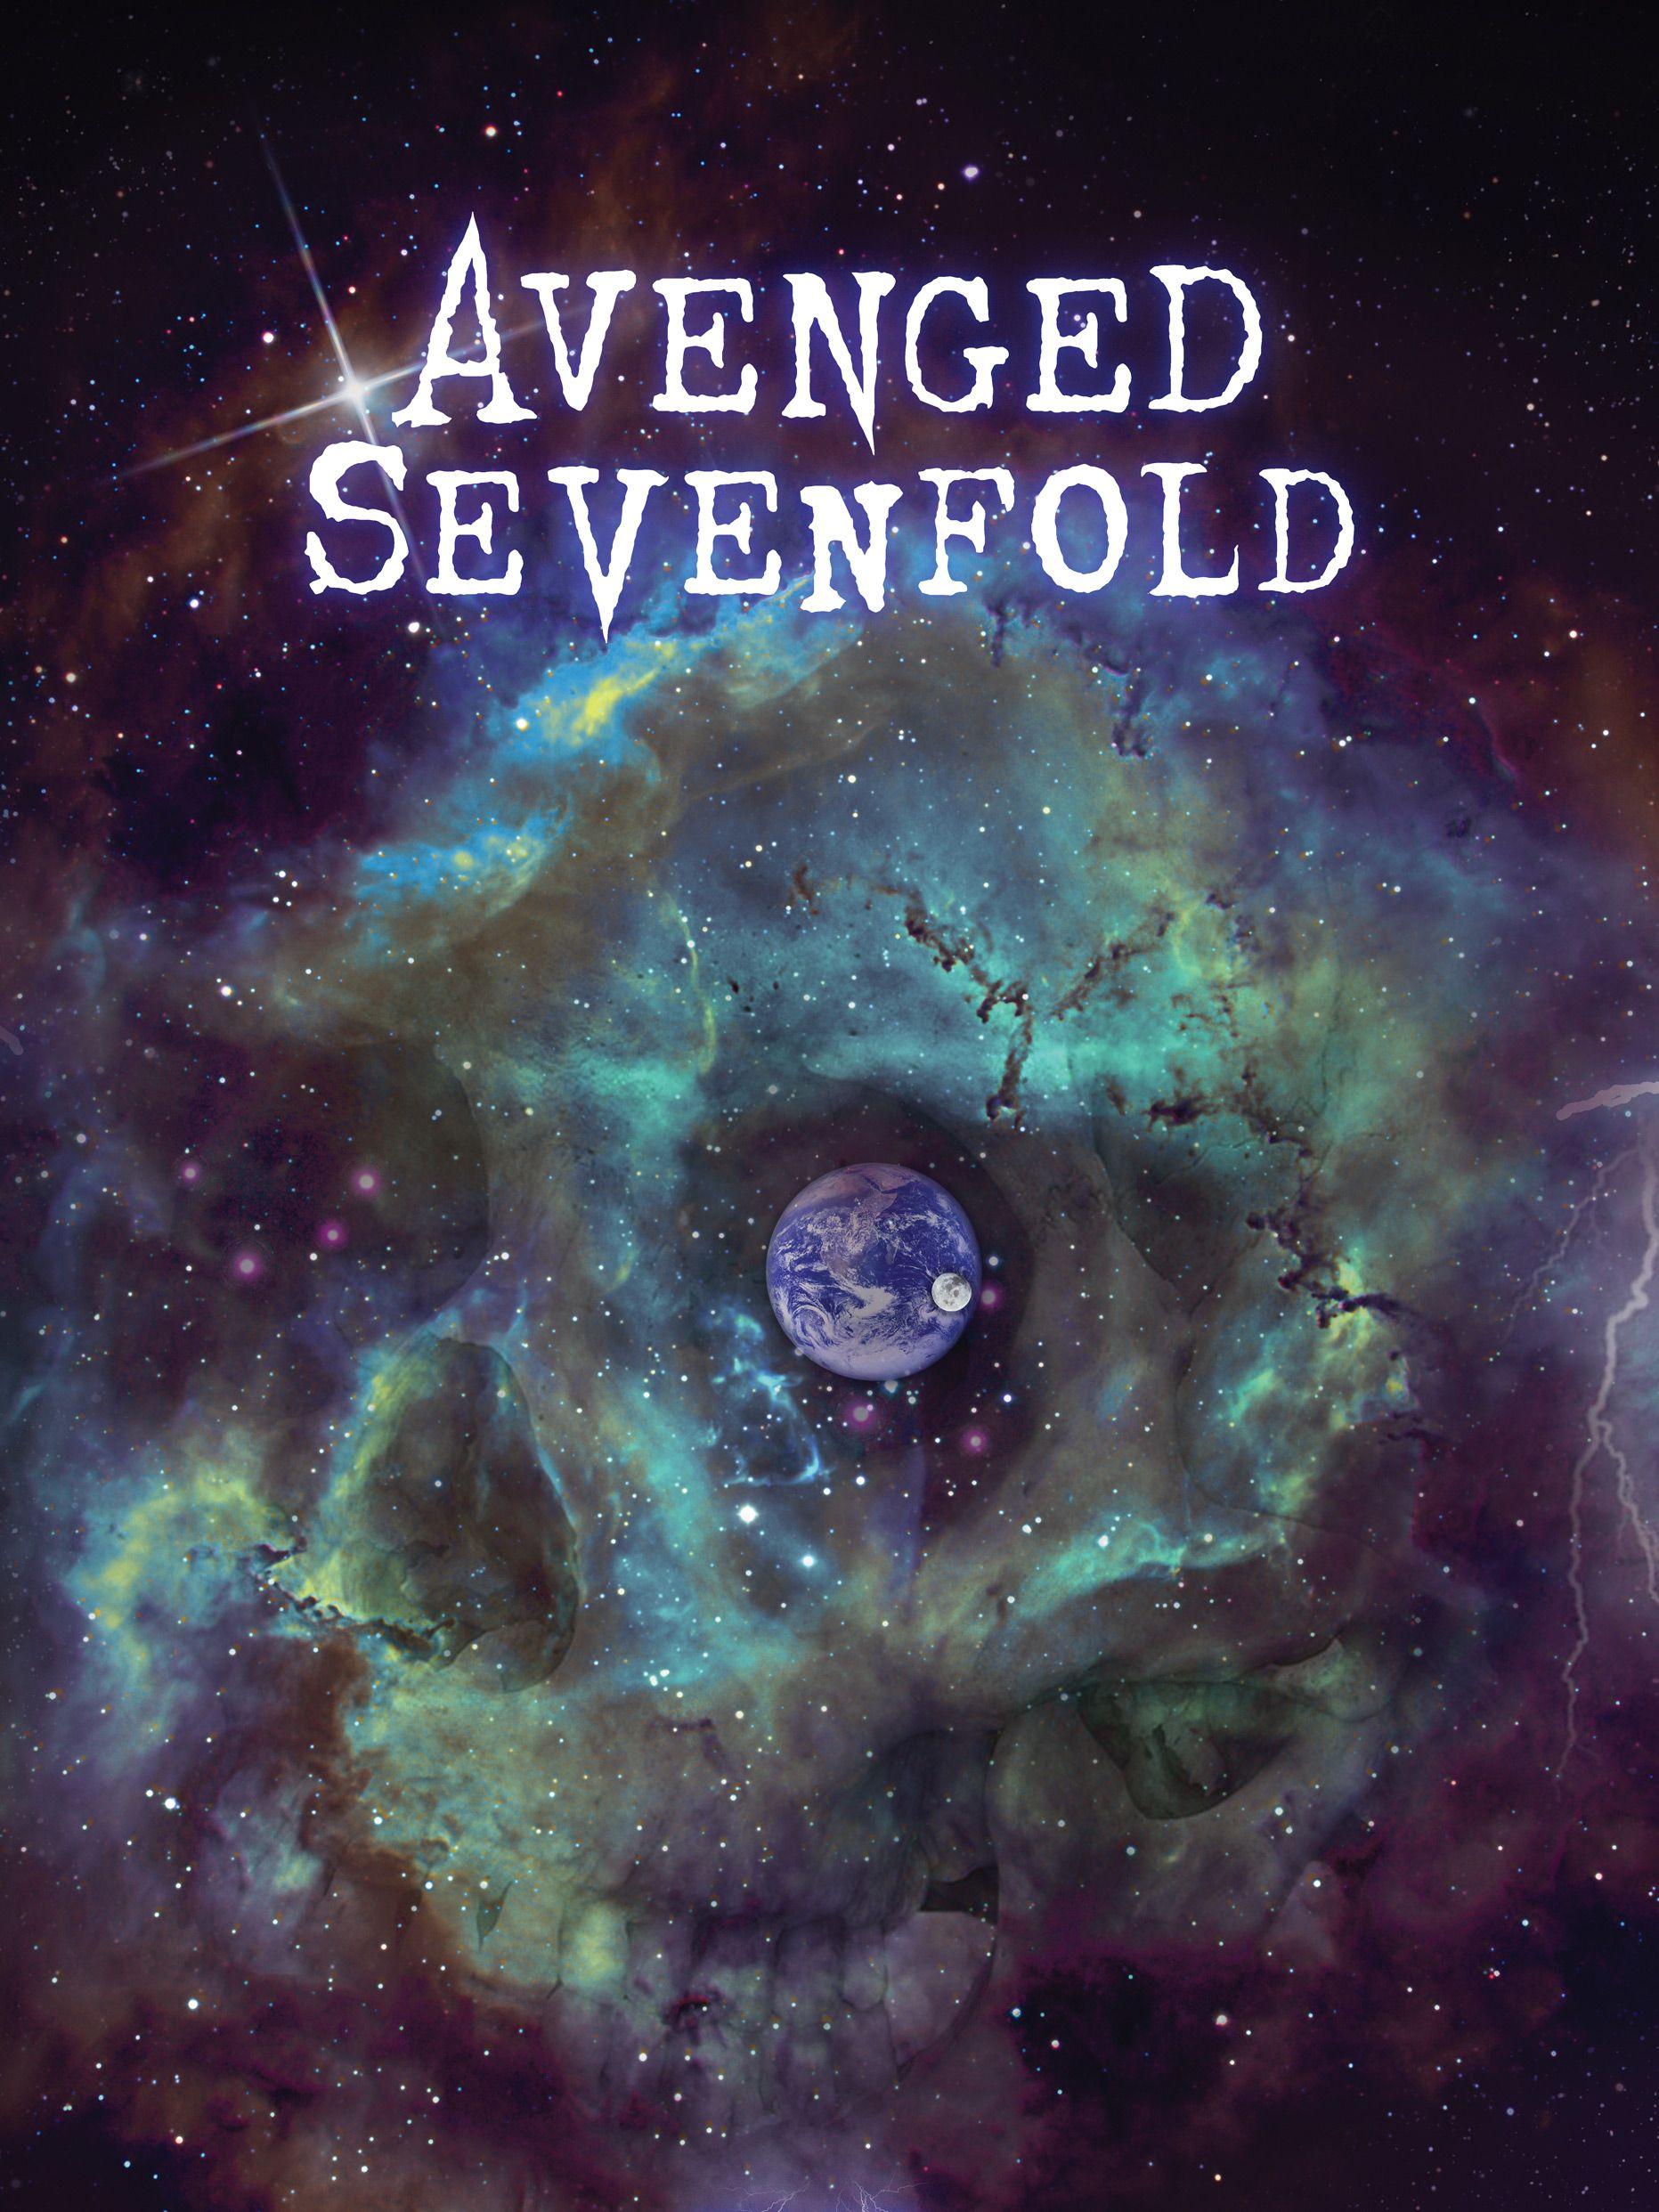 Avenged Sevenfold Iphone Wallpaper Avenged Sevenfold Wallpapers Avenged Sevenfold Metal Music Bands